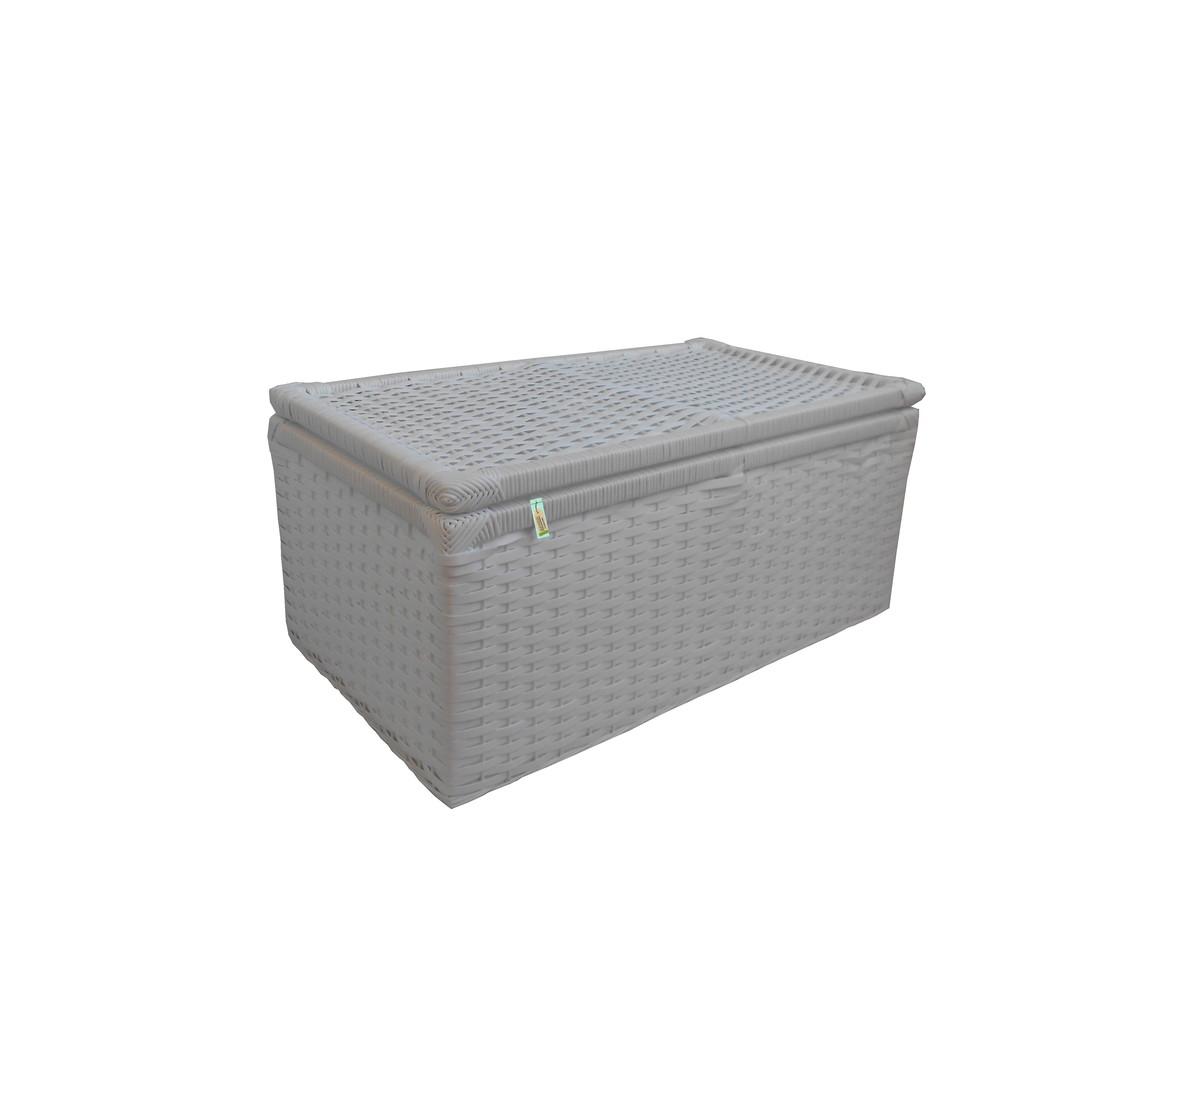 caixa fibra sintetica branca 70x40x32 bau caixa fibra sintetica branca  #858246 1200x1107